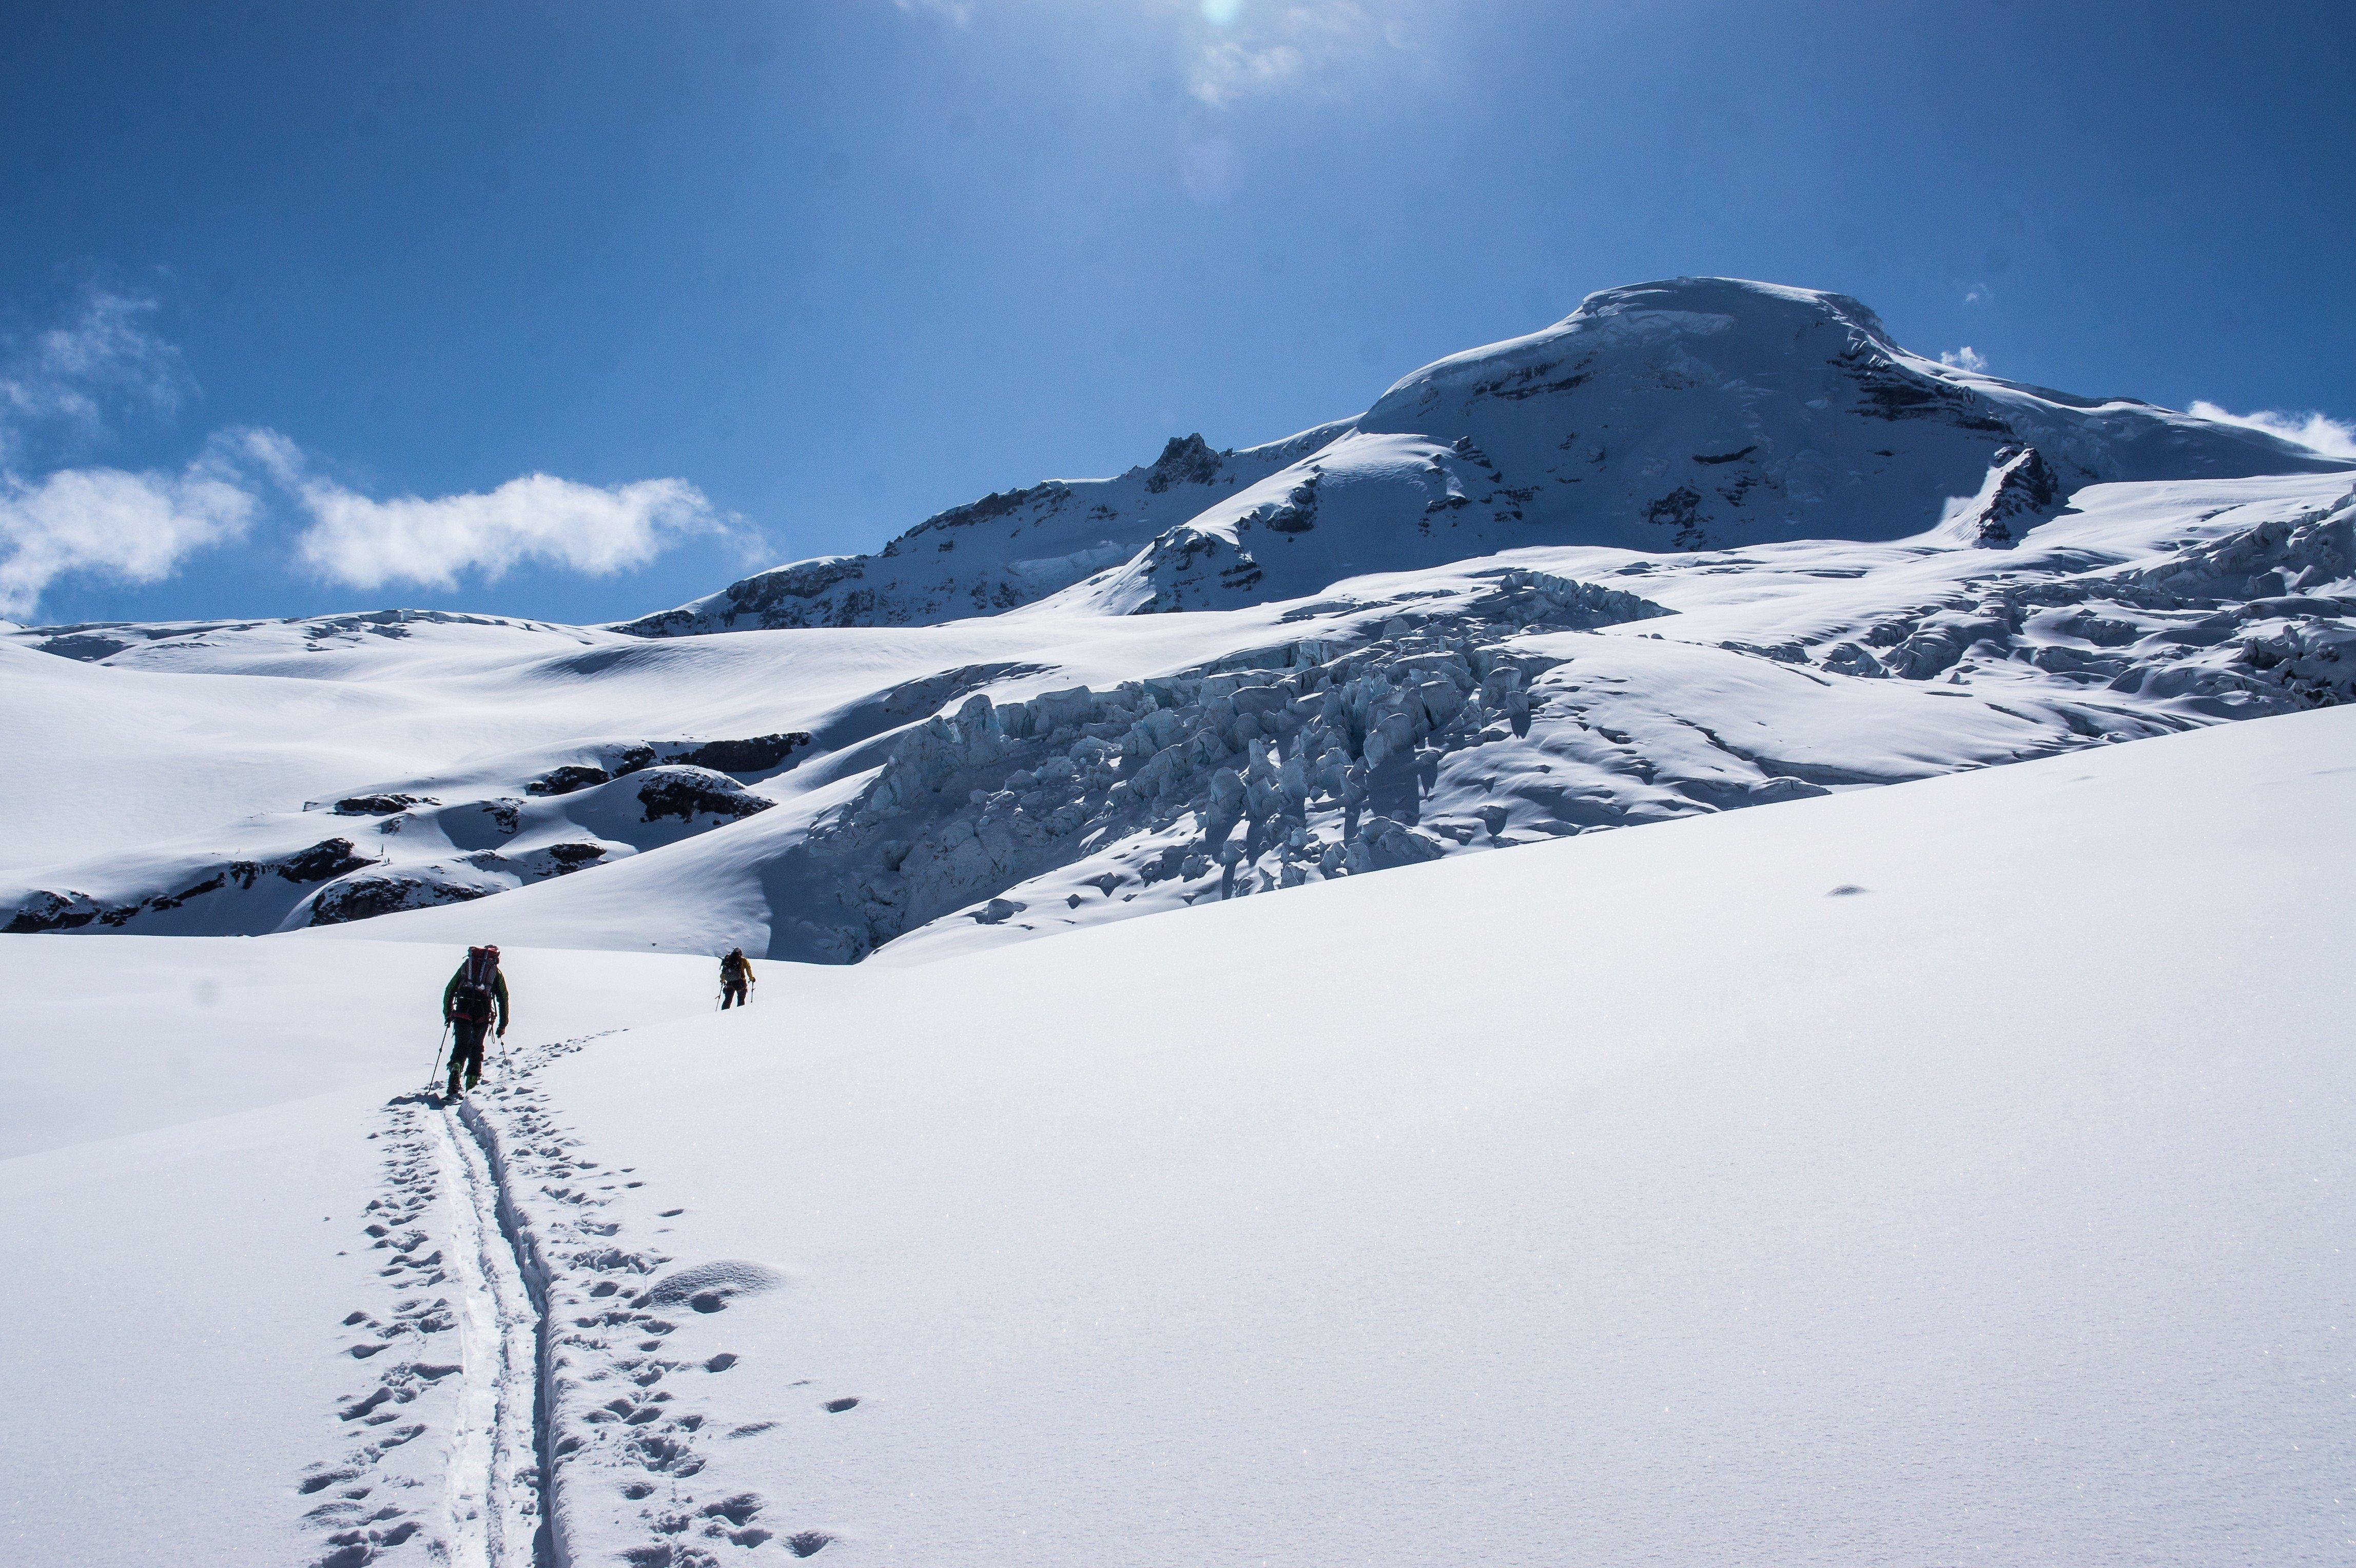 Best Ski Resorts In California >> Mount Baker Ski Area Guide | evo